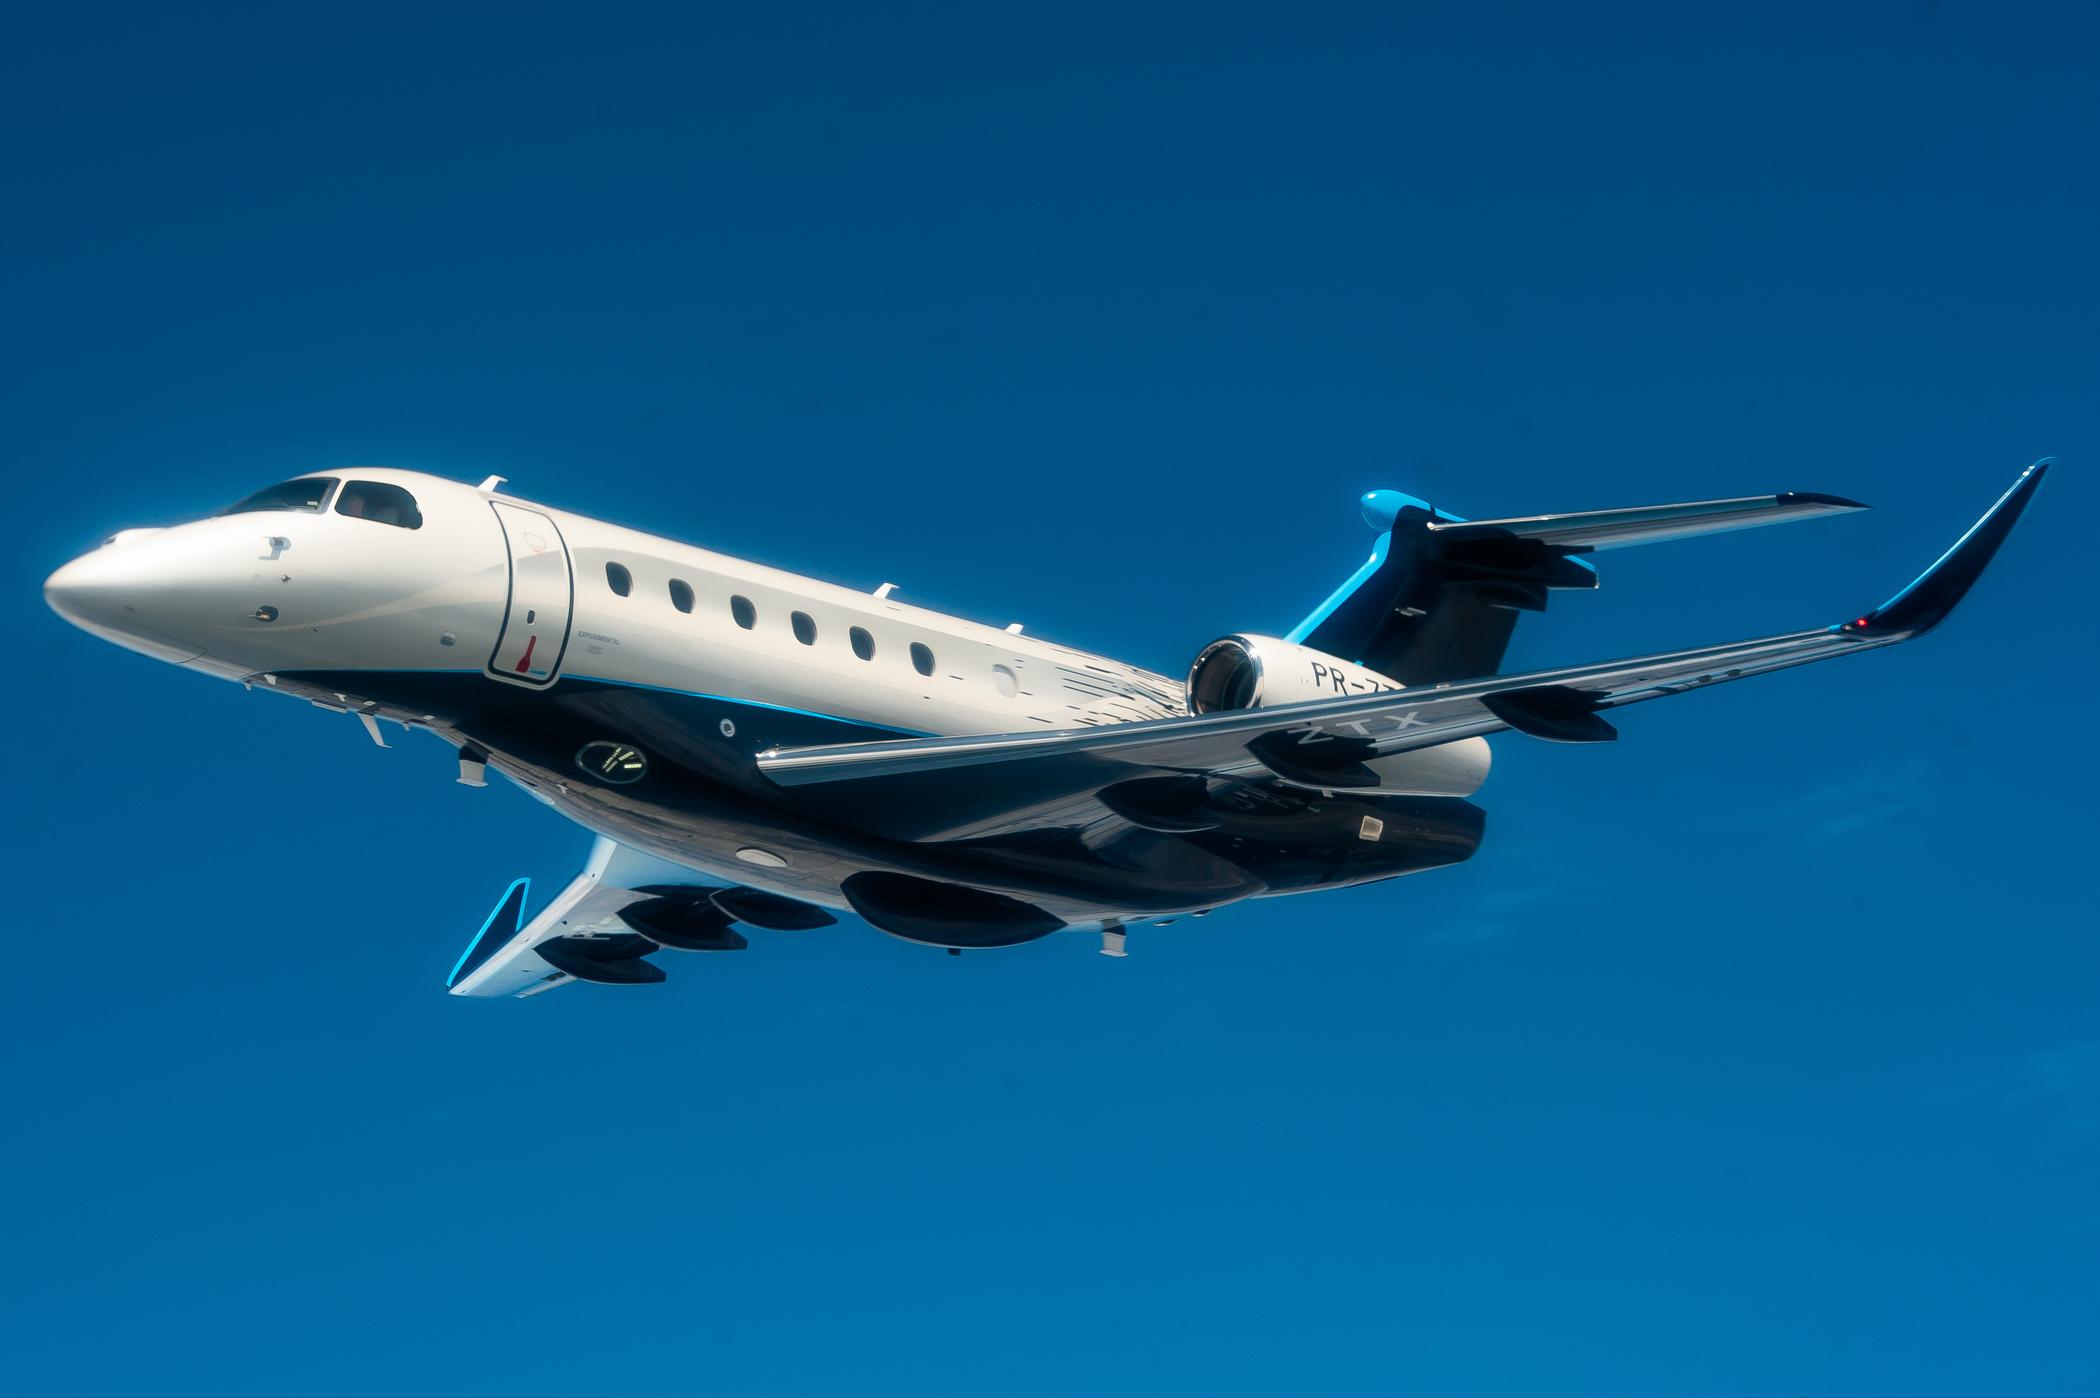 Aerospace-Embraer Praetor 600-ERJ